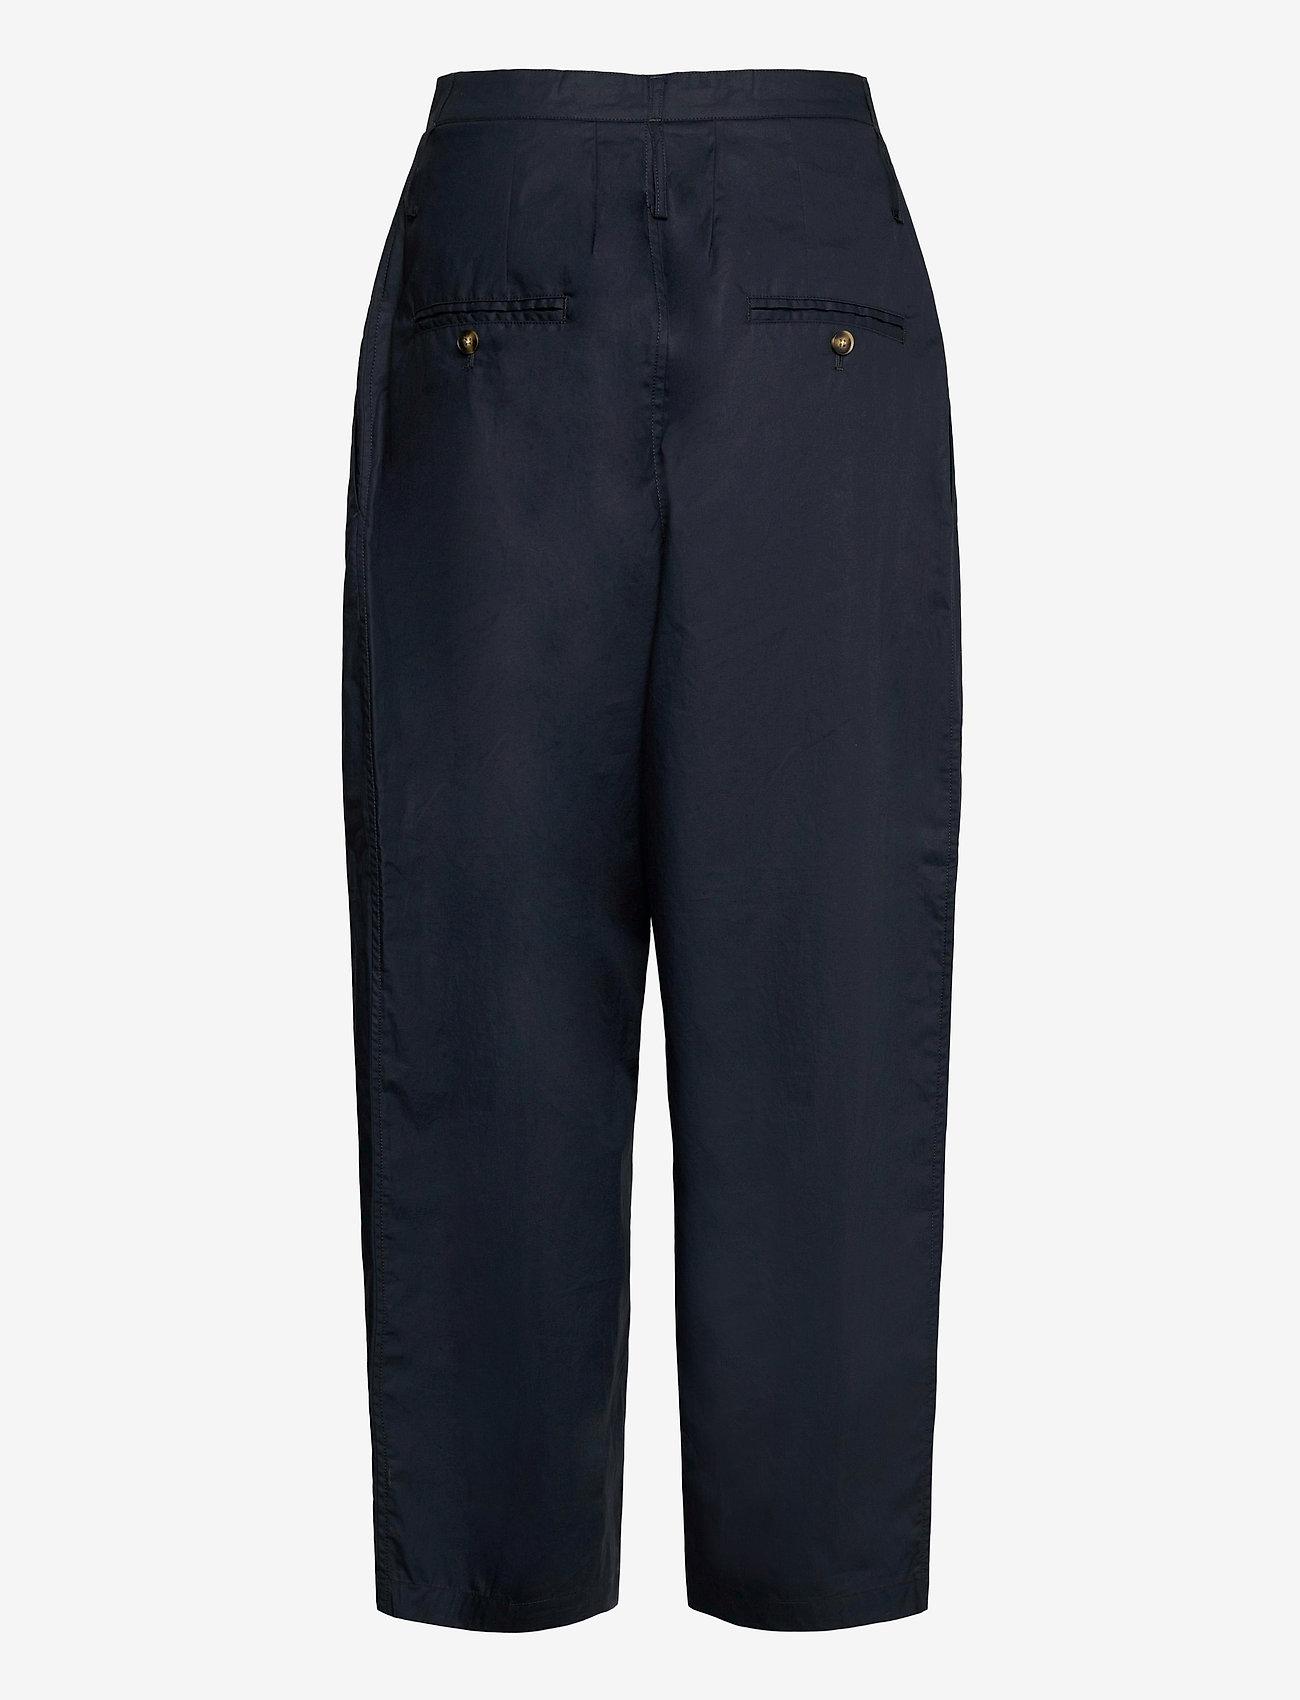 Cathrine Hammel - Wide ov pants - bukser med brede ben - dark ink - 1